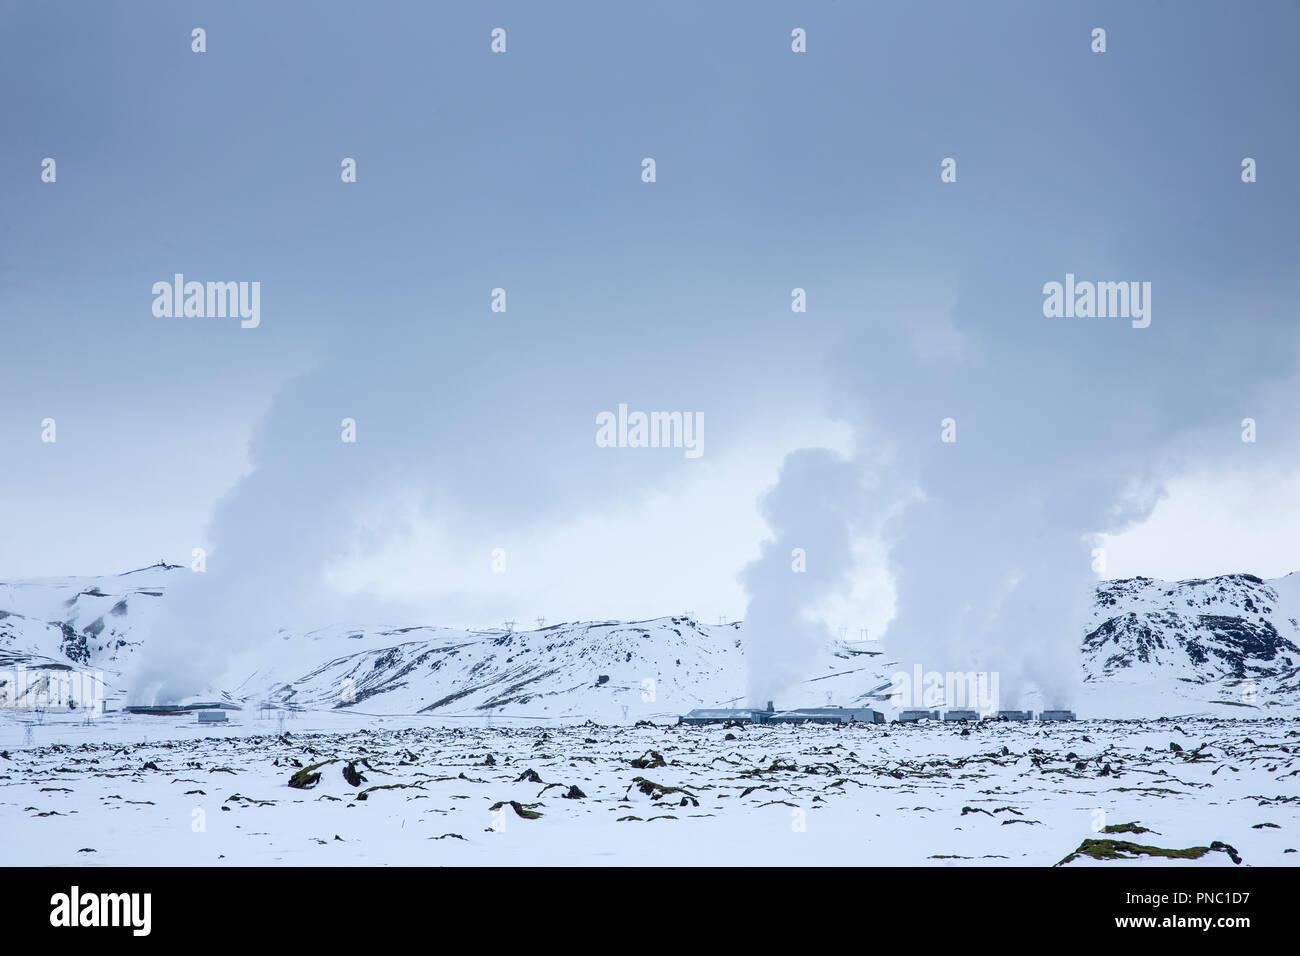 Il vapore in aumento a potenza Orka Natturunn, l'energia della natura, green power energia rinnovabile impianto geotermico, Reykjavik, Islanda sud Immagini Stock